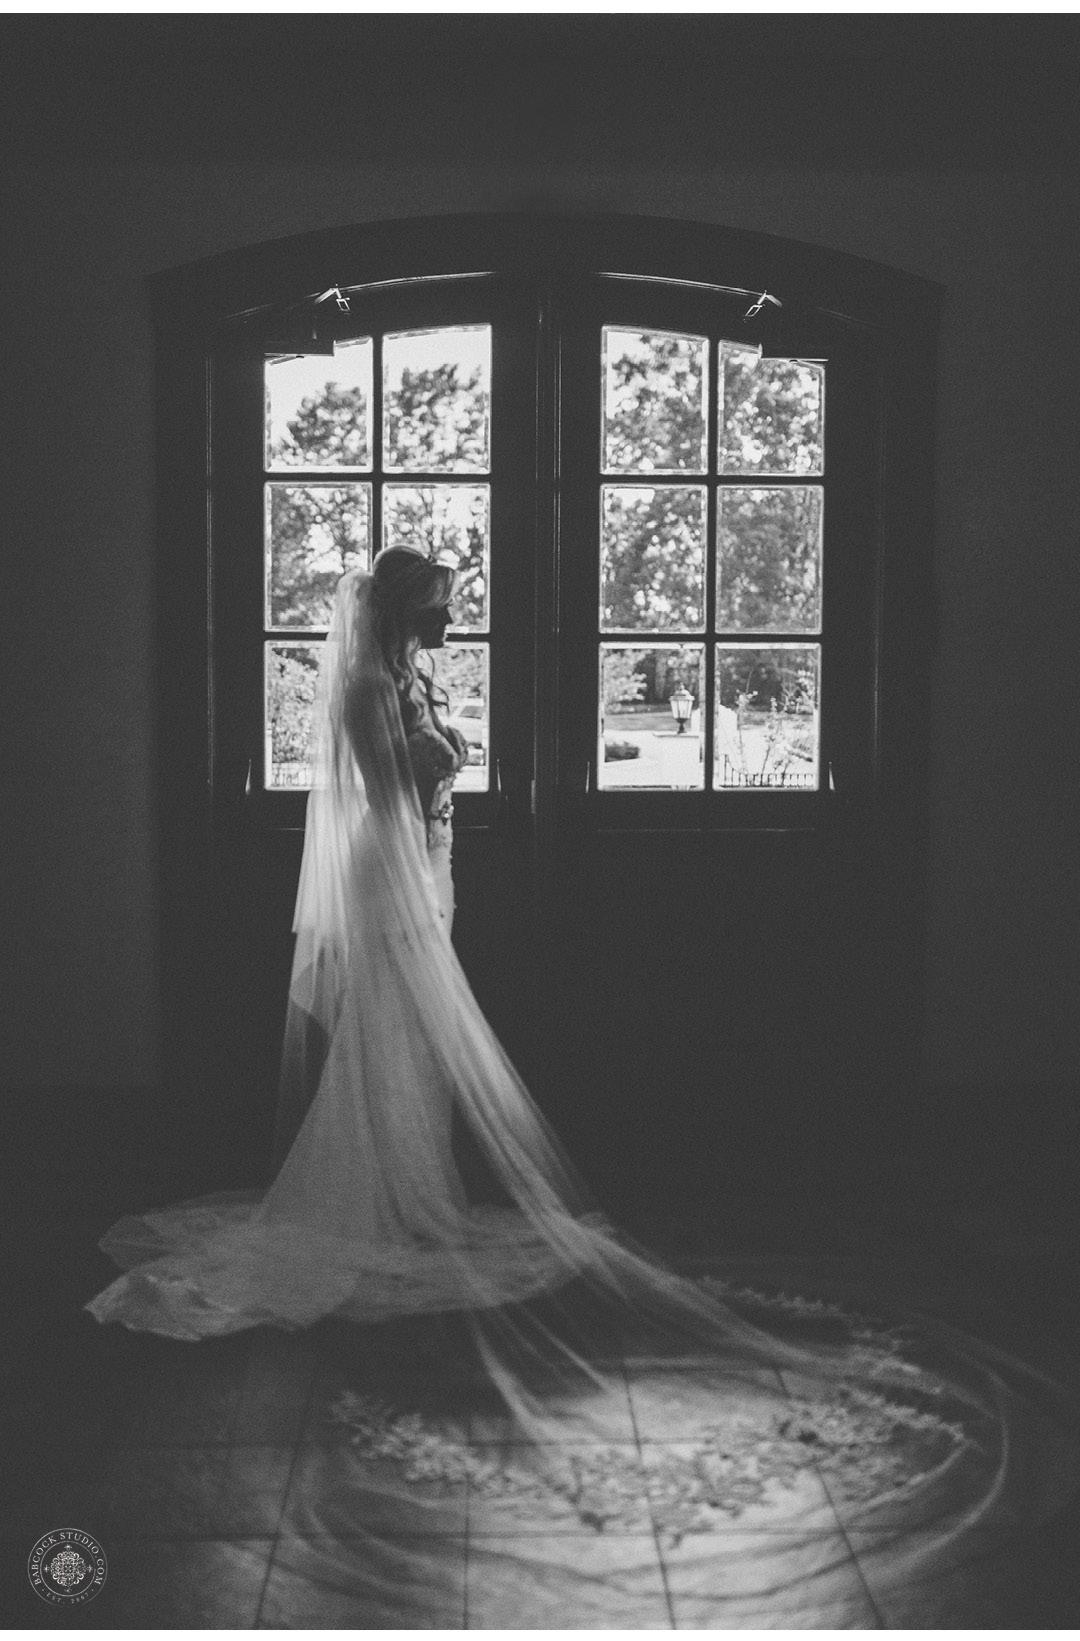 danielle-tyler-wedding-photographer-dayton-ohio-7.jpg